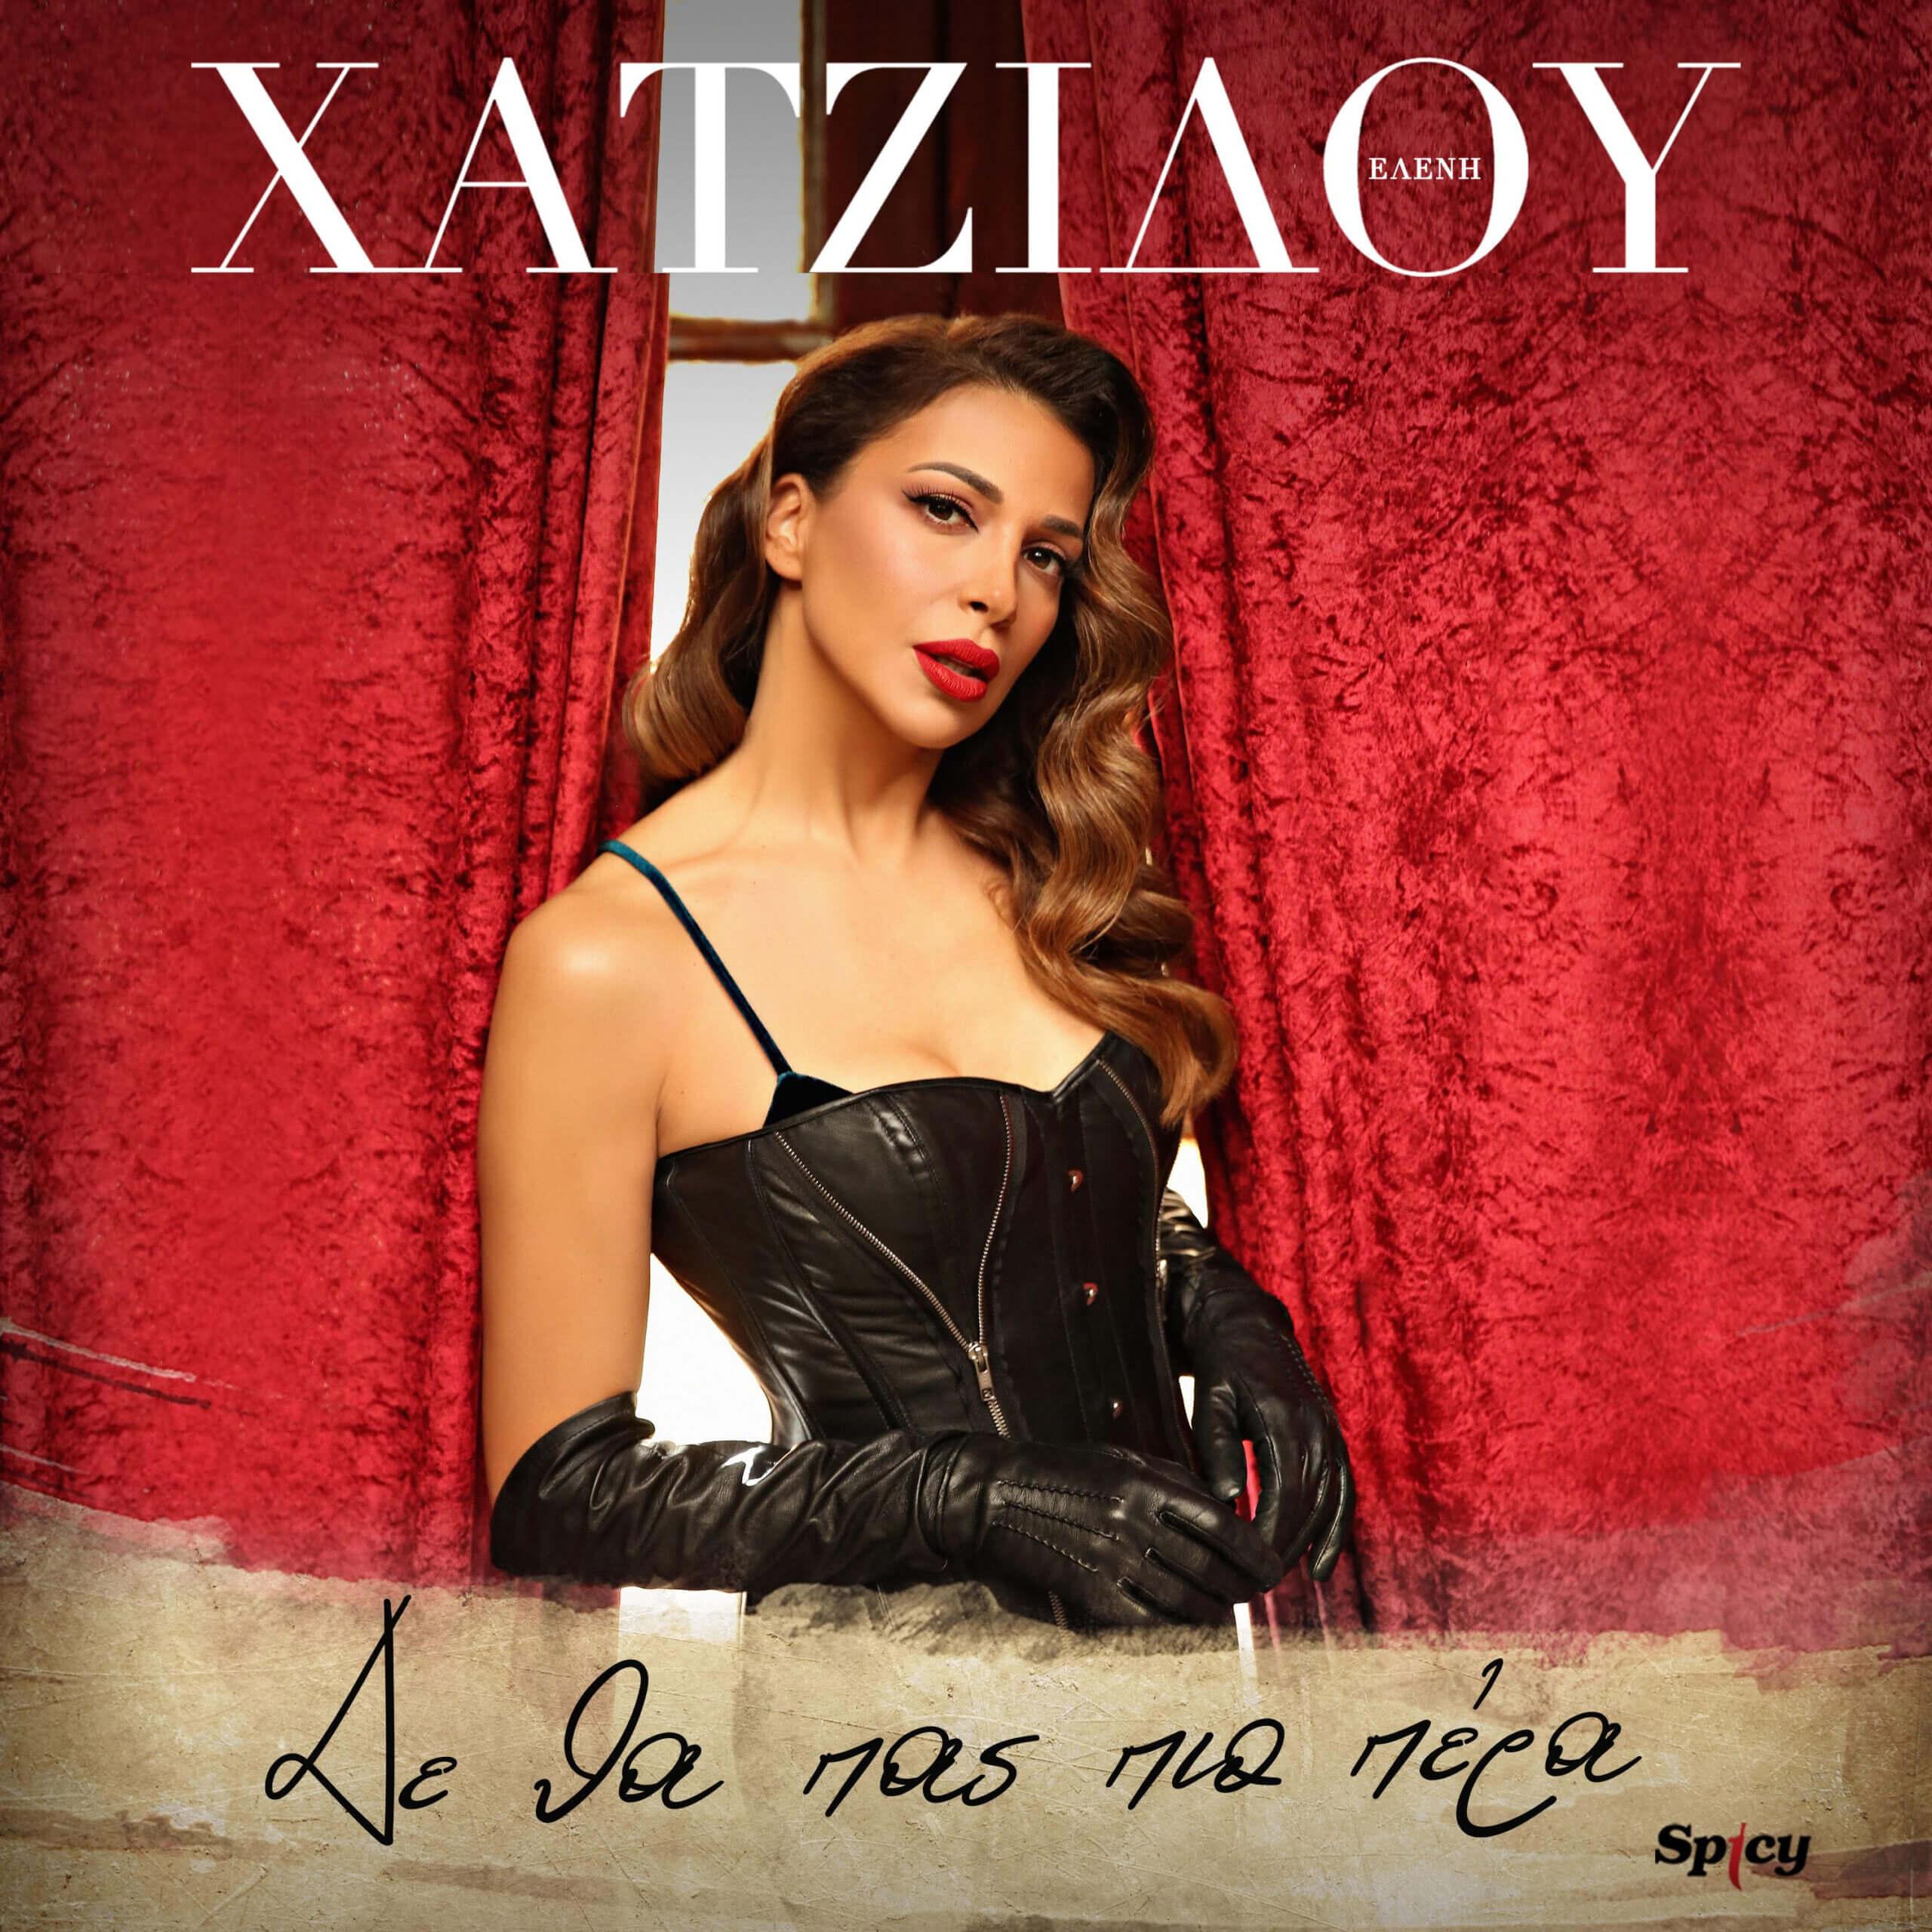 Η εκρηκτική Ελένη Χατζίδου μας παρουσιάζει το ολοκαίνουργιο single της με τίτλο «Δε θα πας πιο πέρα».